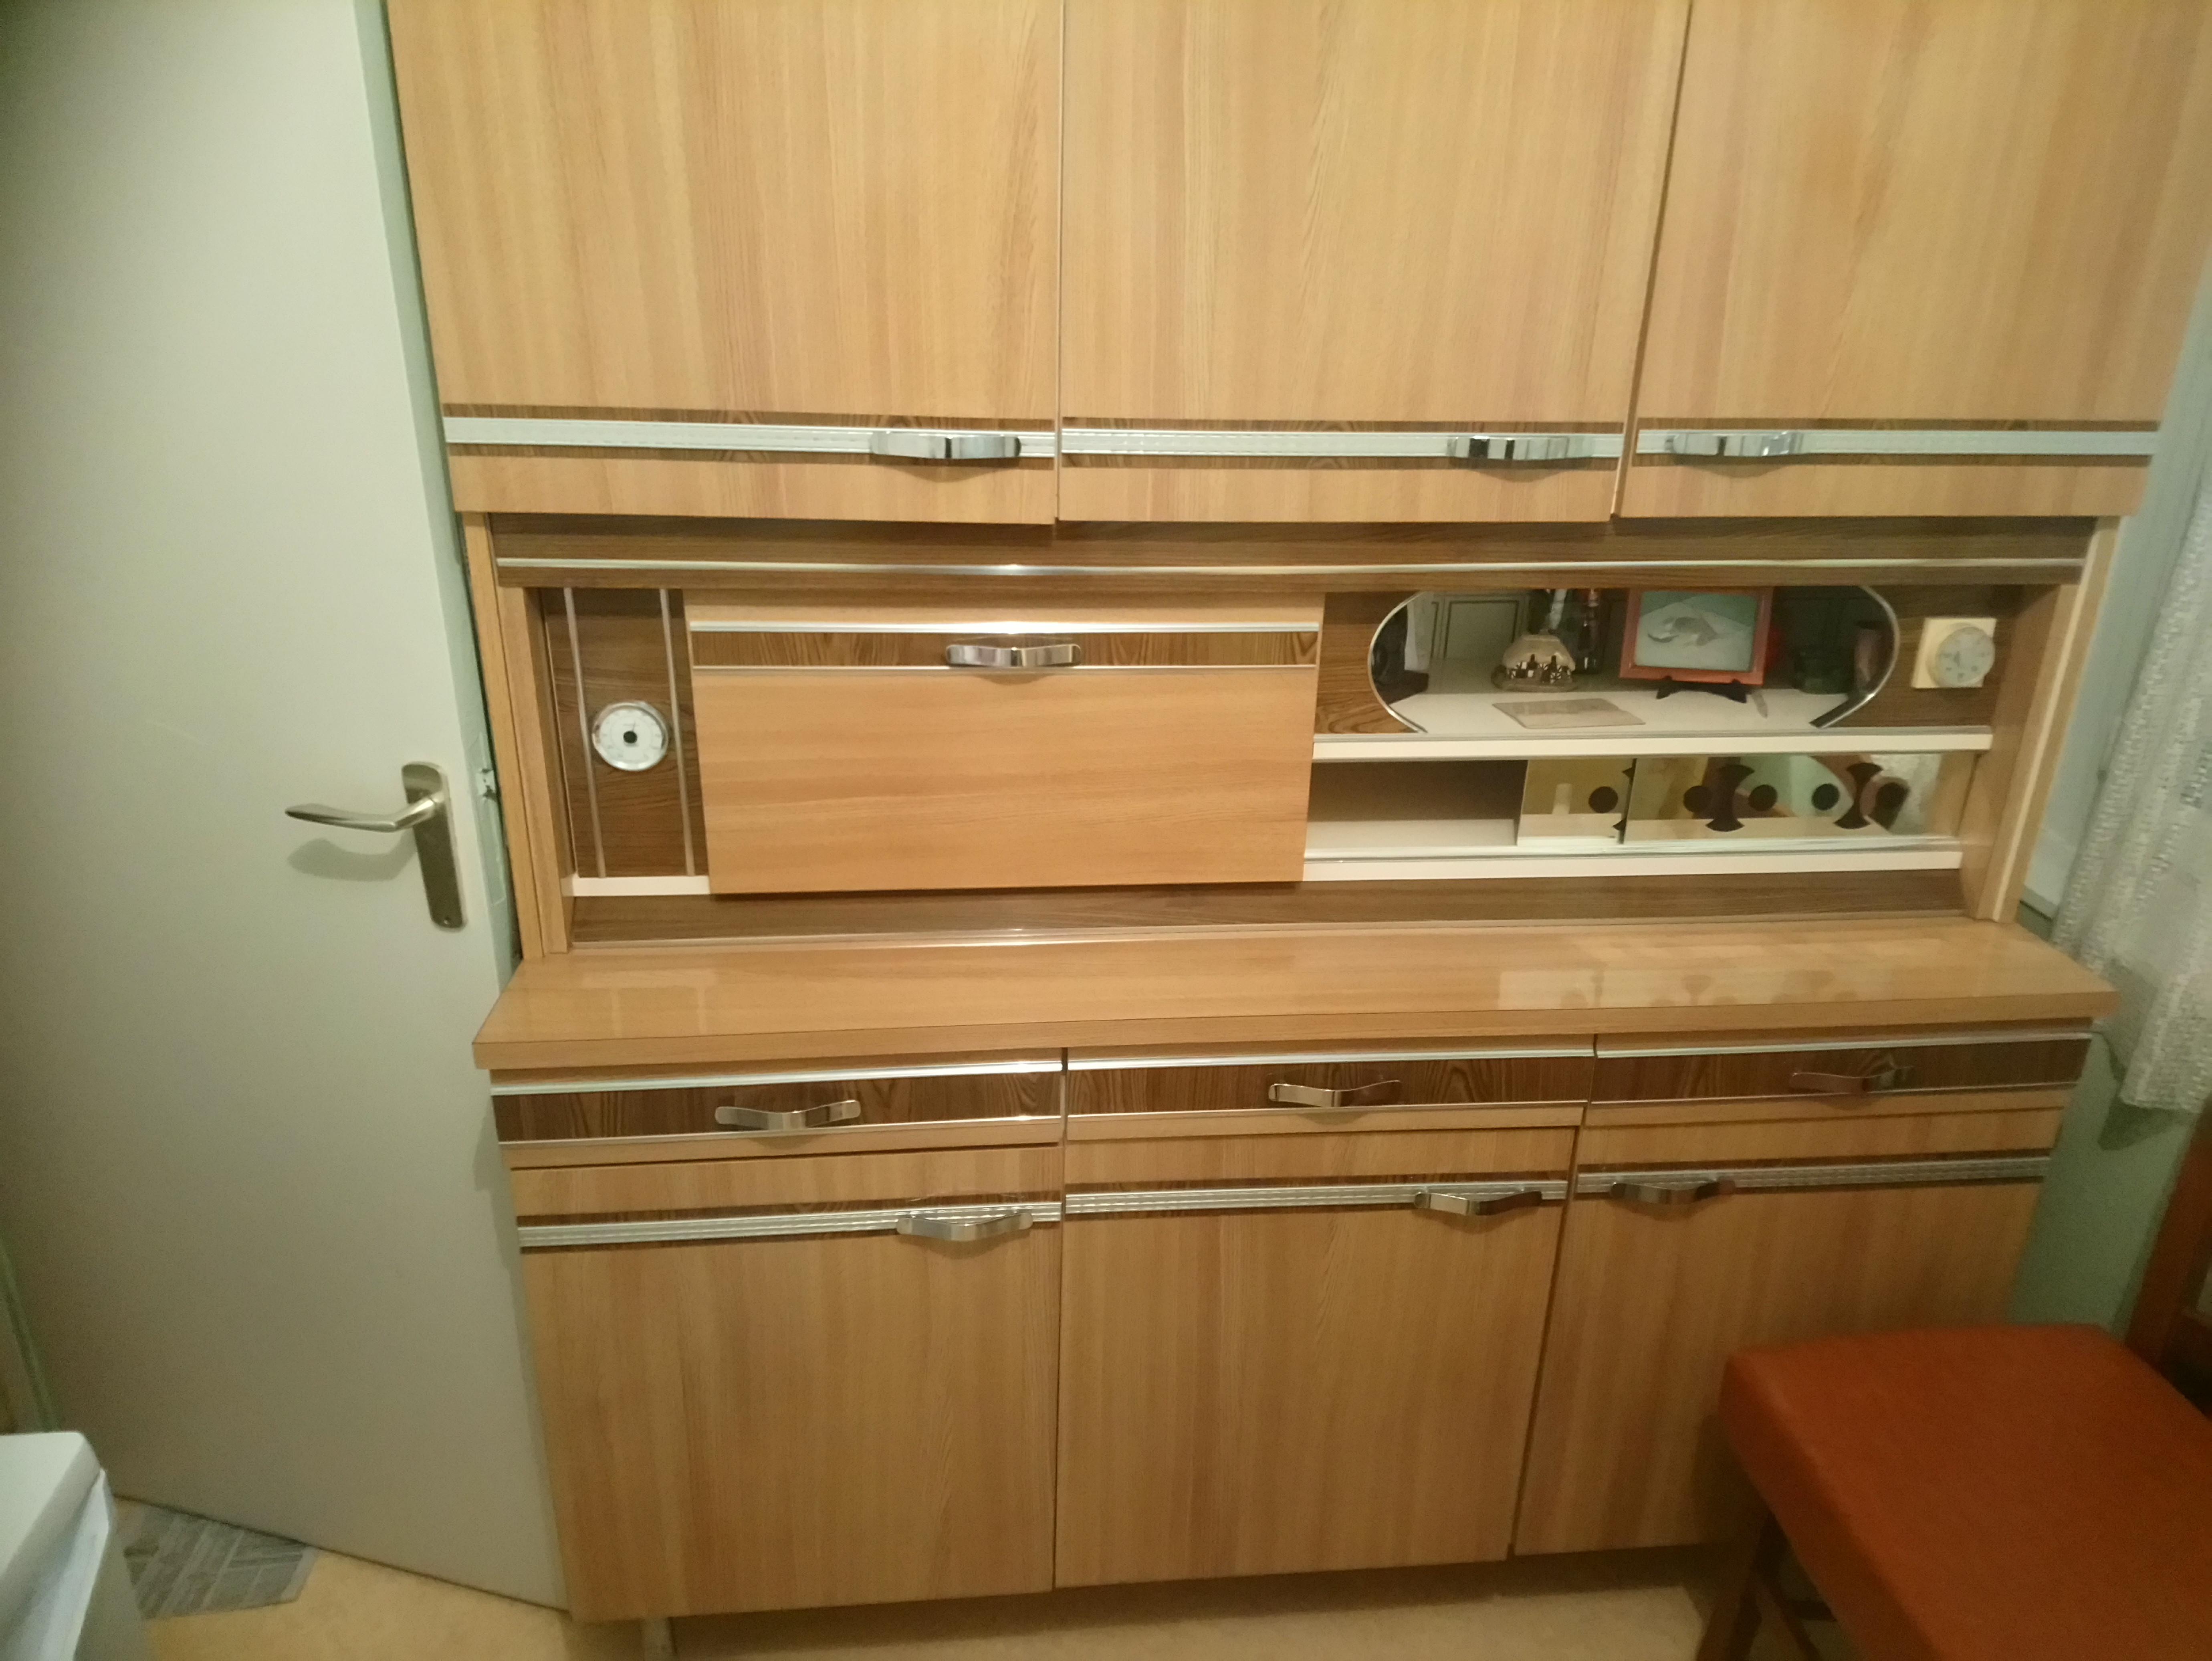 Meuble cuisine en formica marron clair vintage année 70 - Les ...